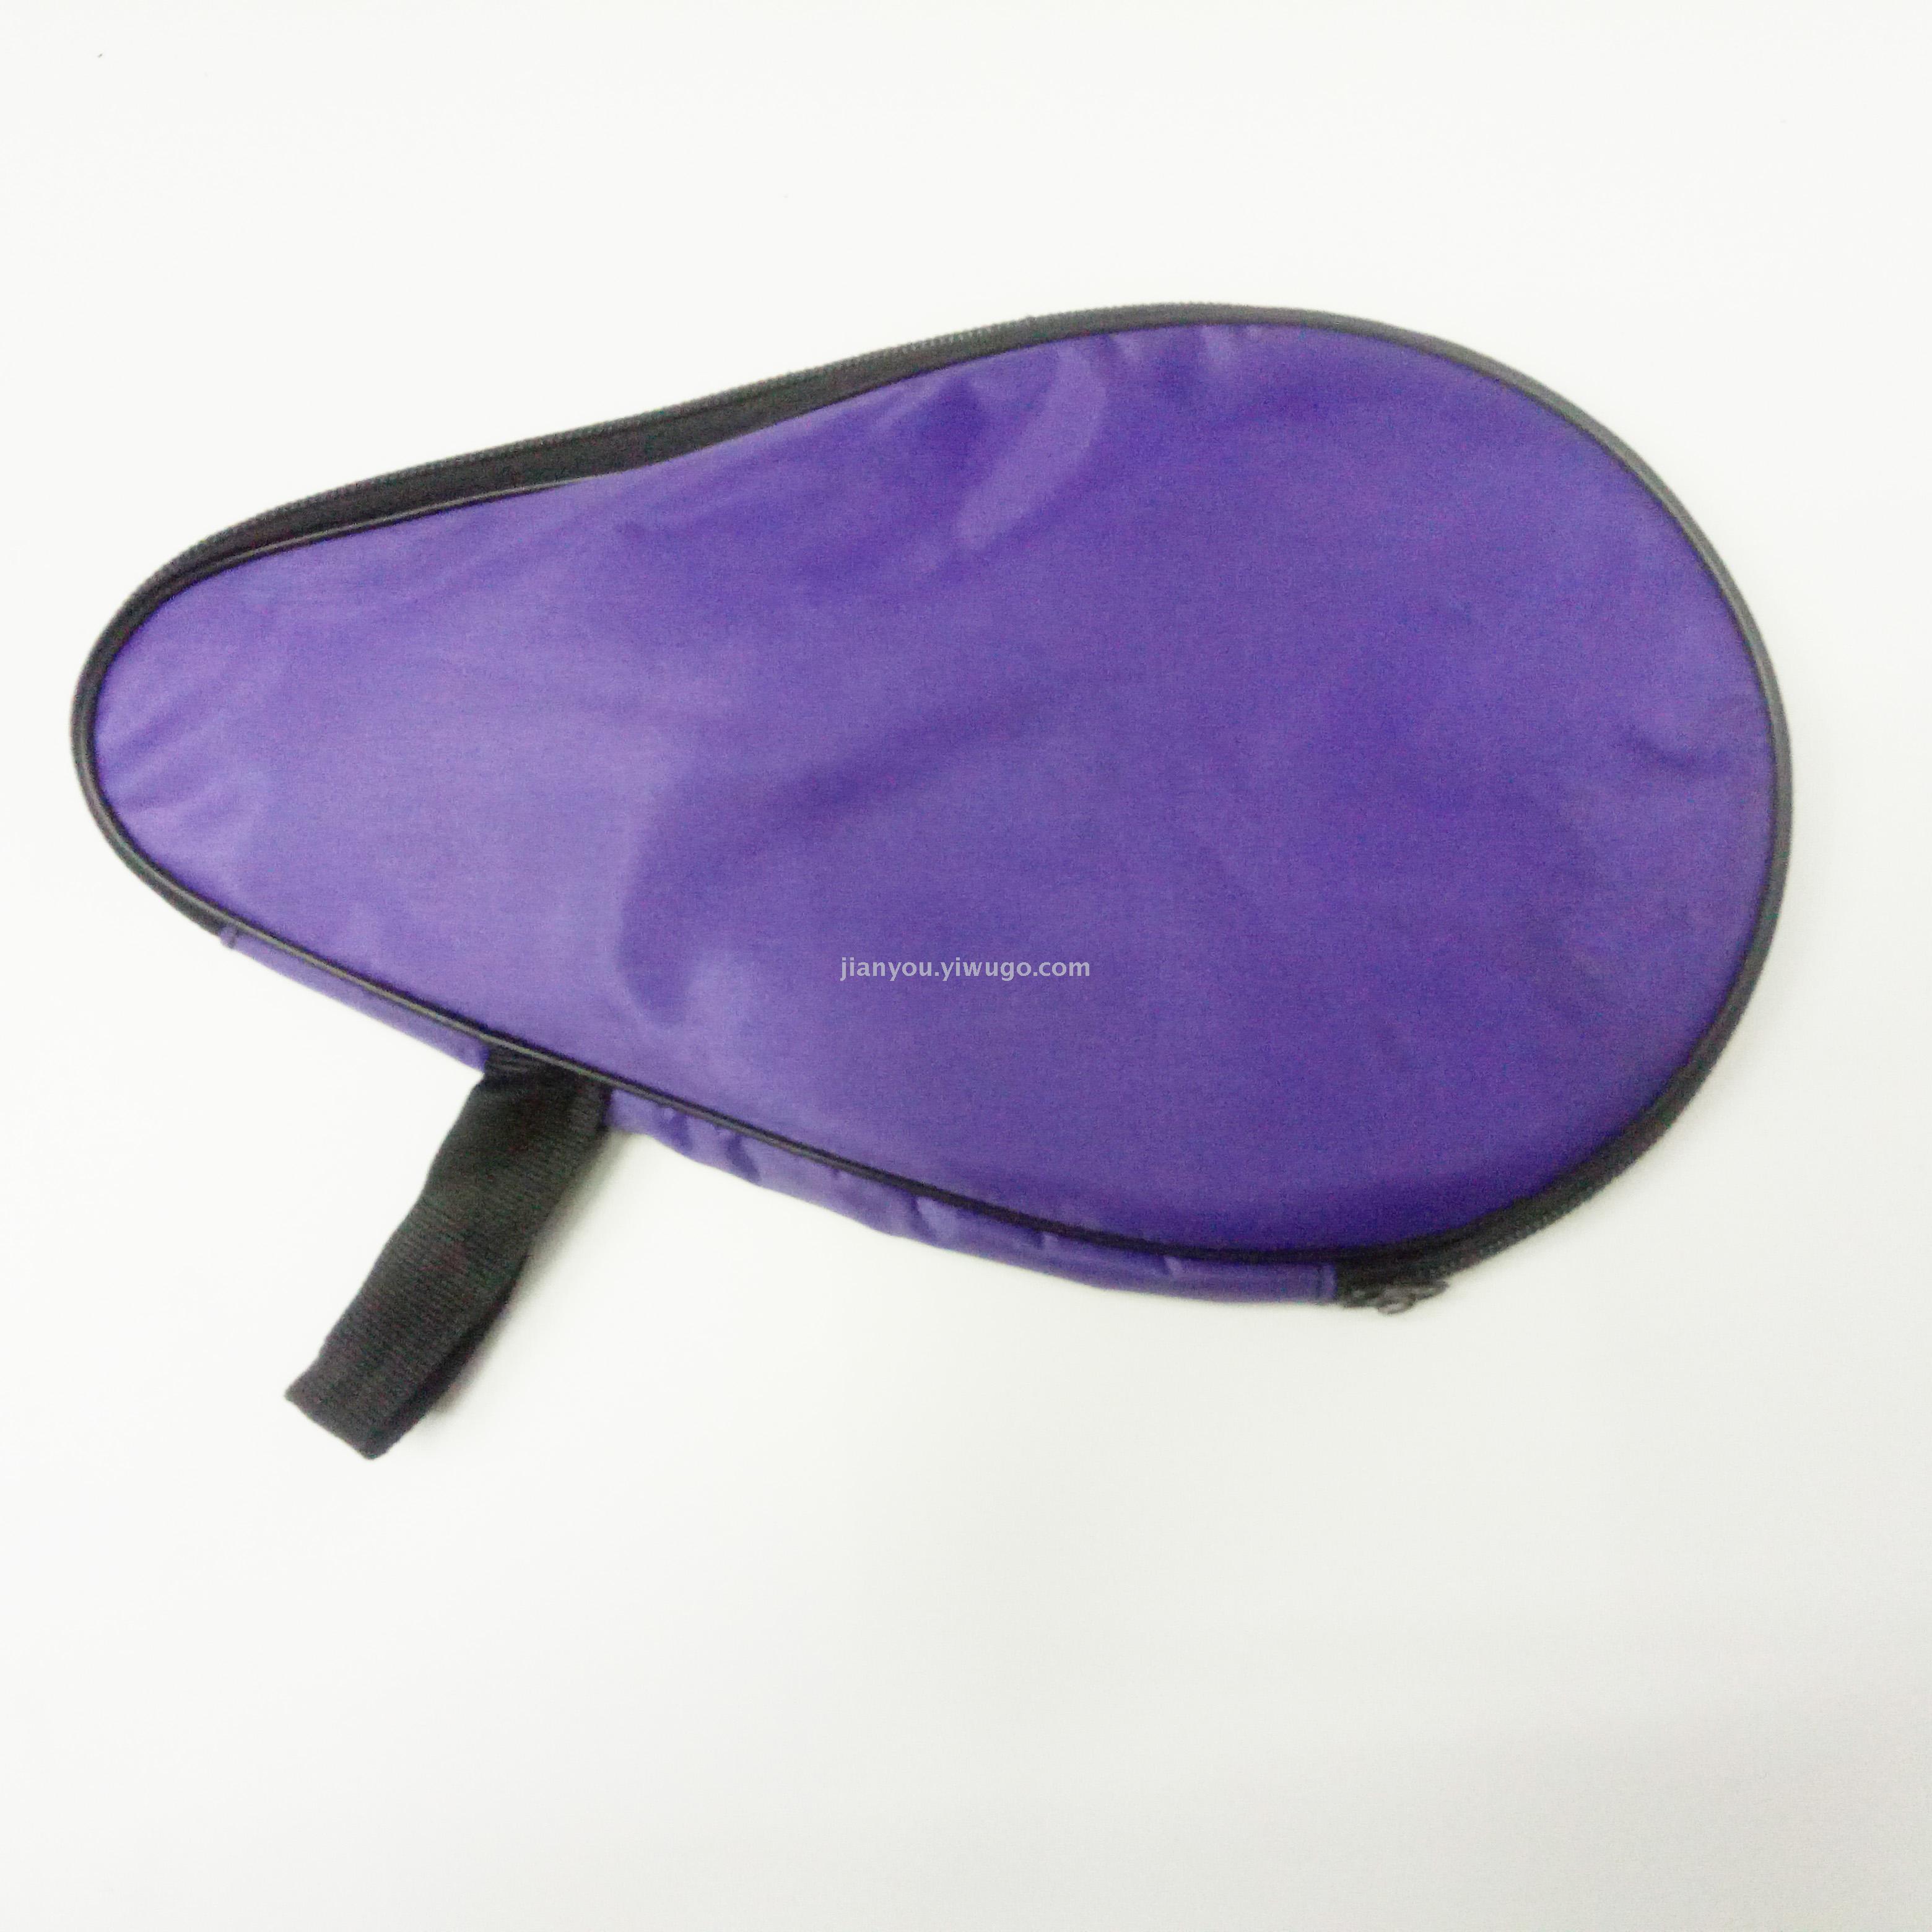 本厂自产自销球拍套子 包 便携袋